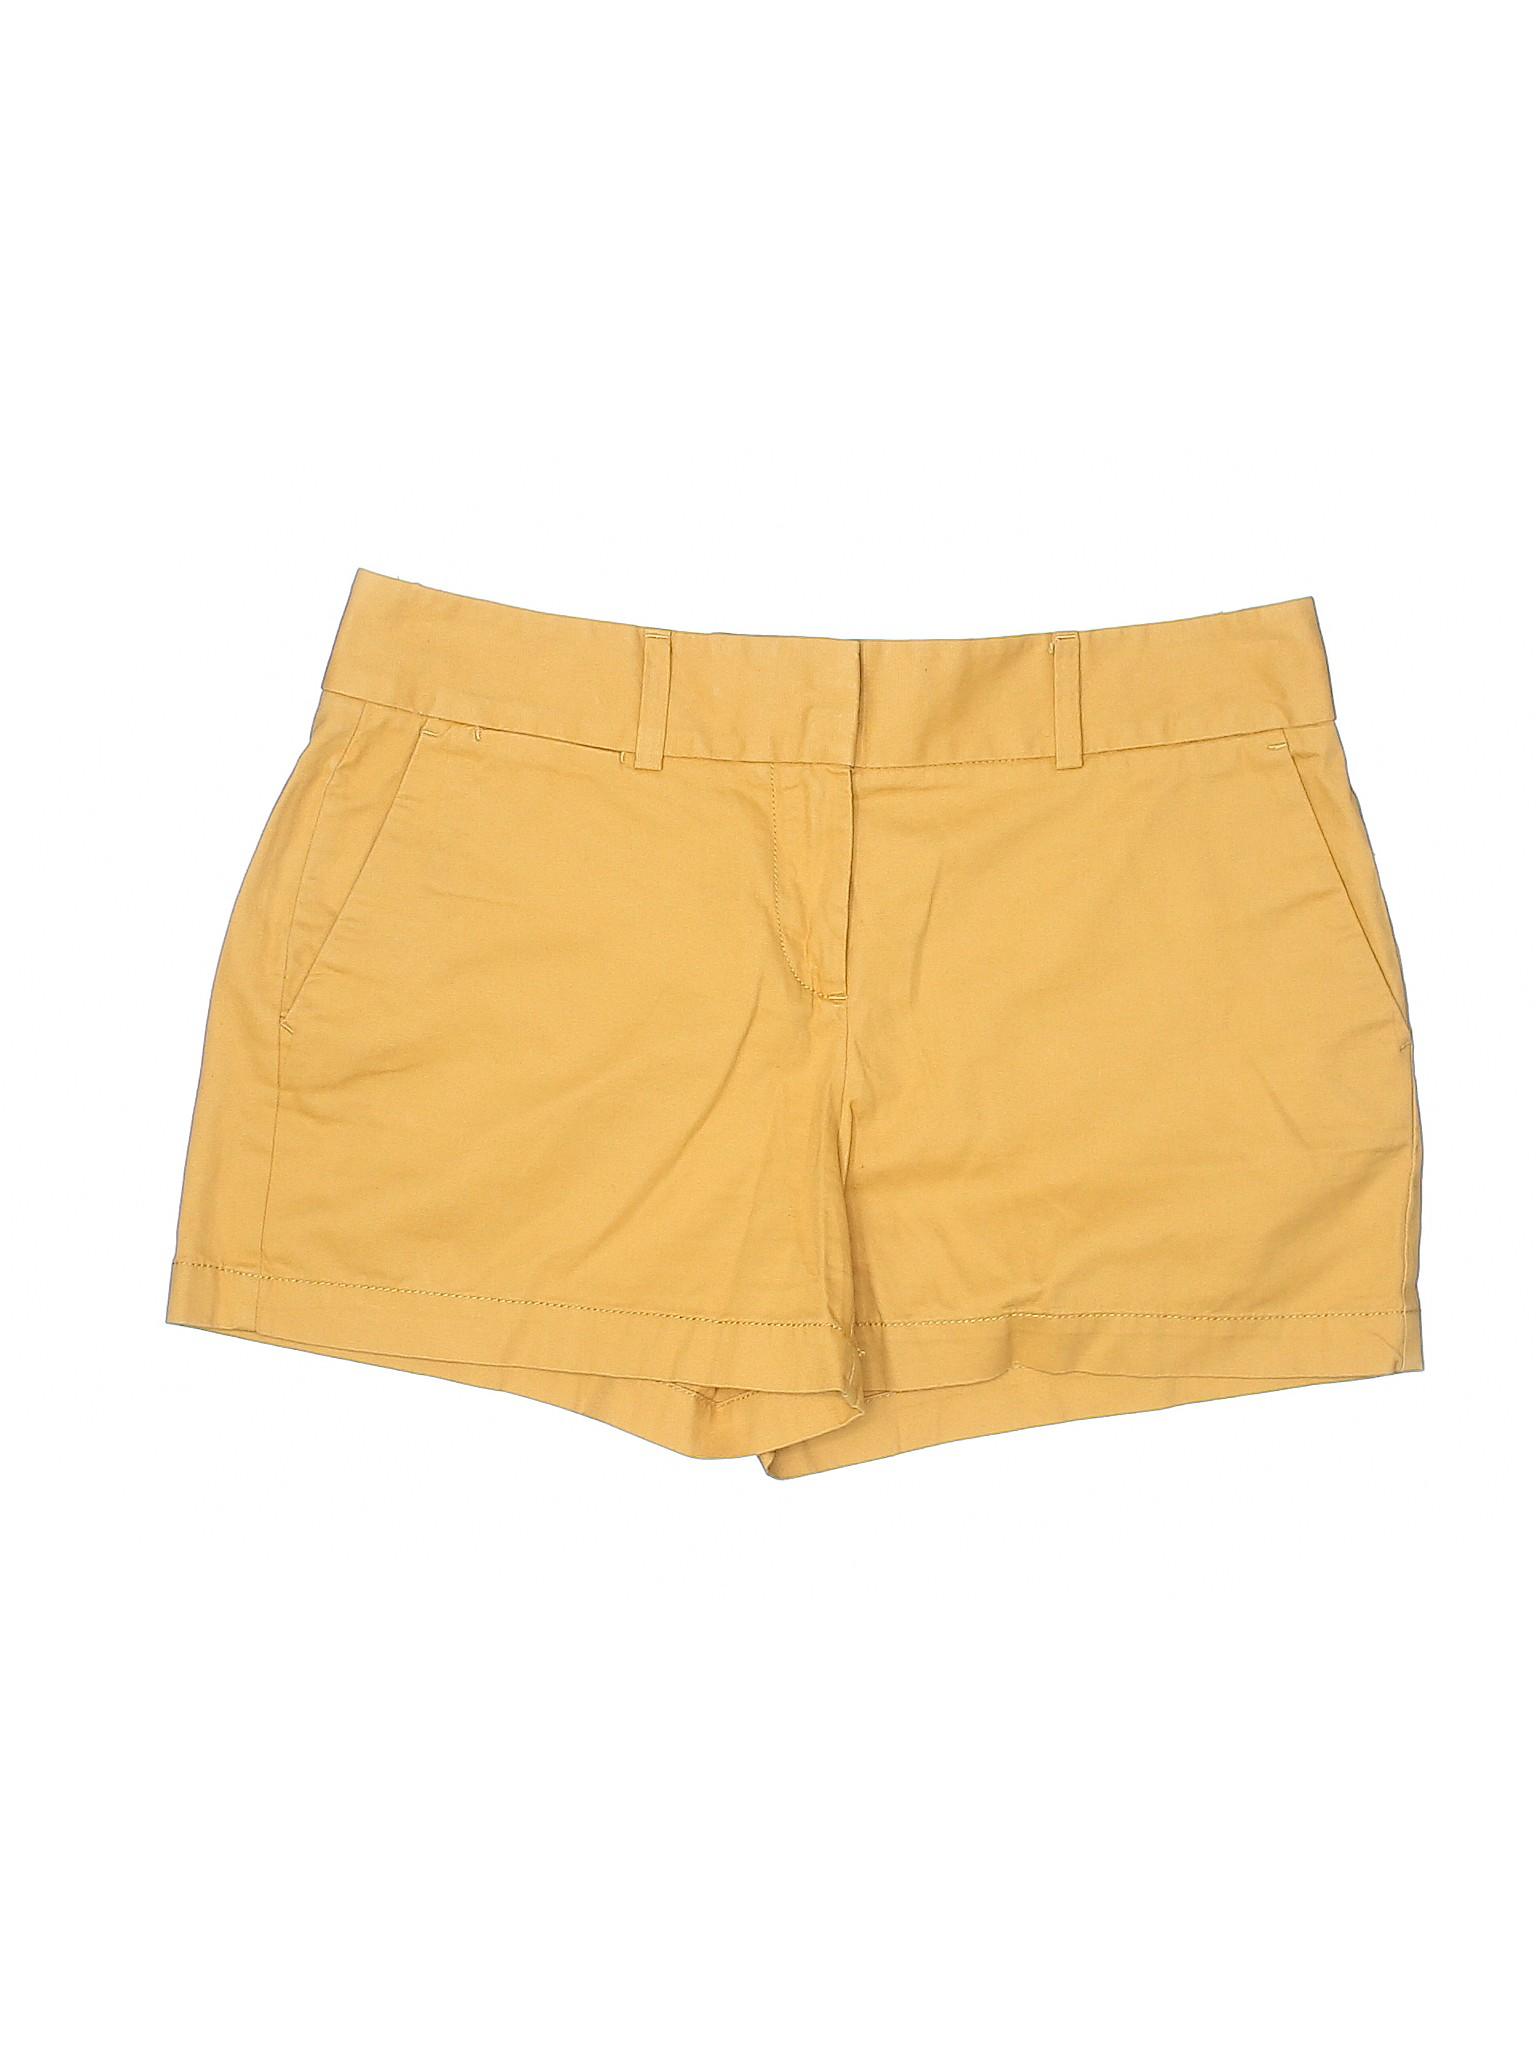 Taylor Khaki Shorts Boutique Ann LOFT fqn45wF5